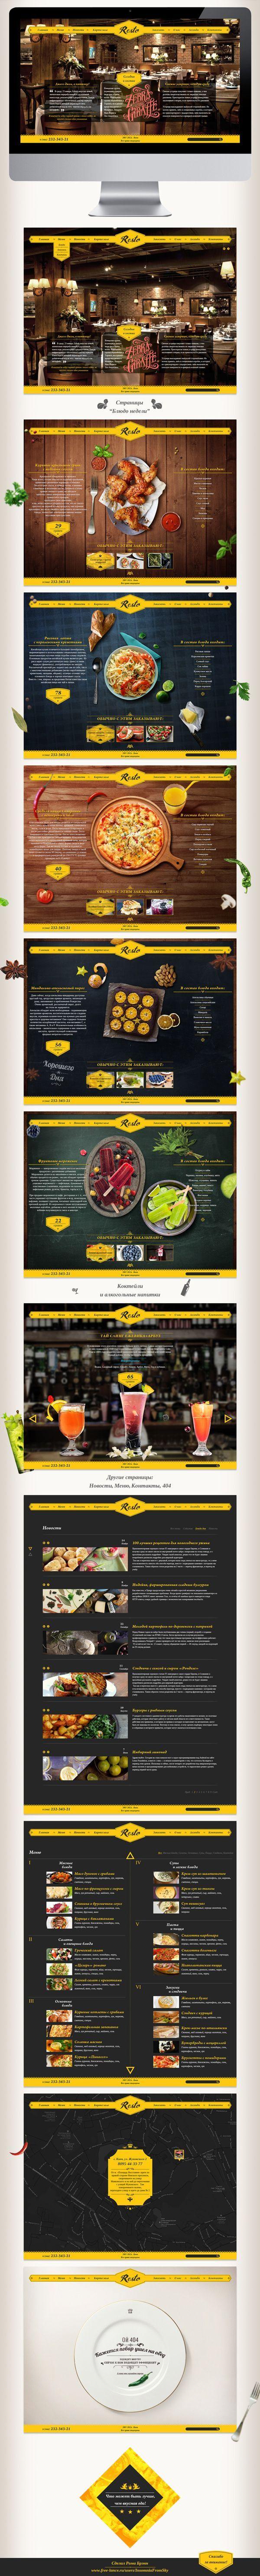 #restaurant ... Prosto Resto by Roma Brann, via Behance